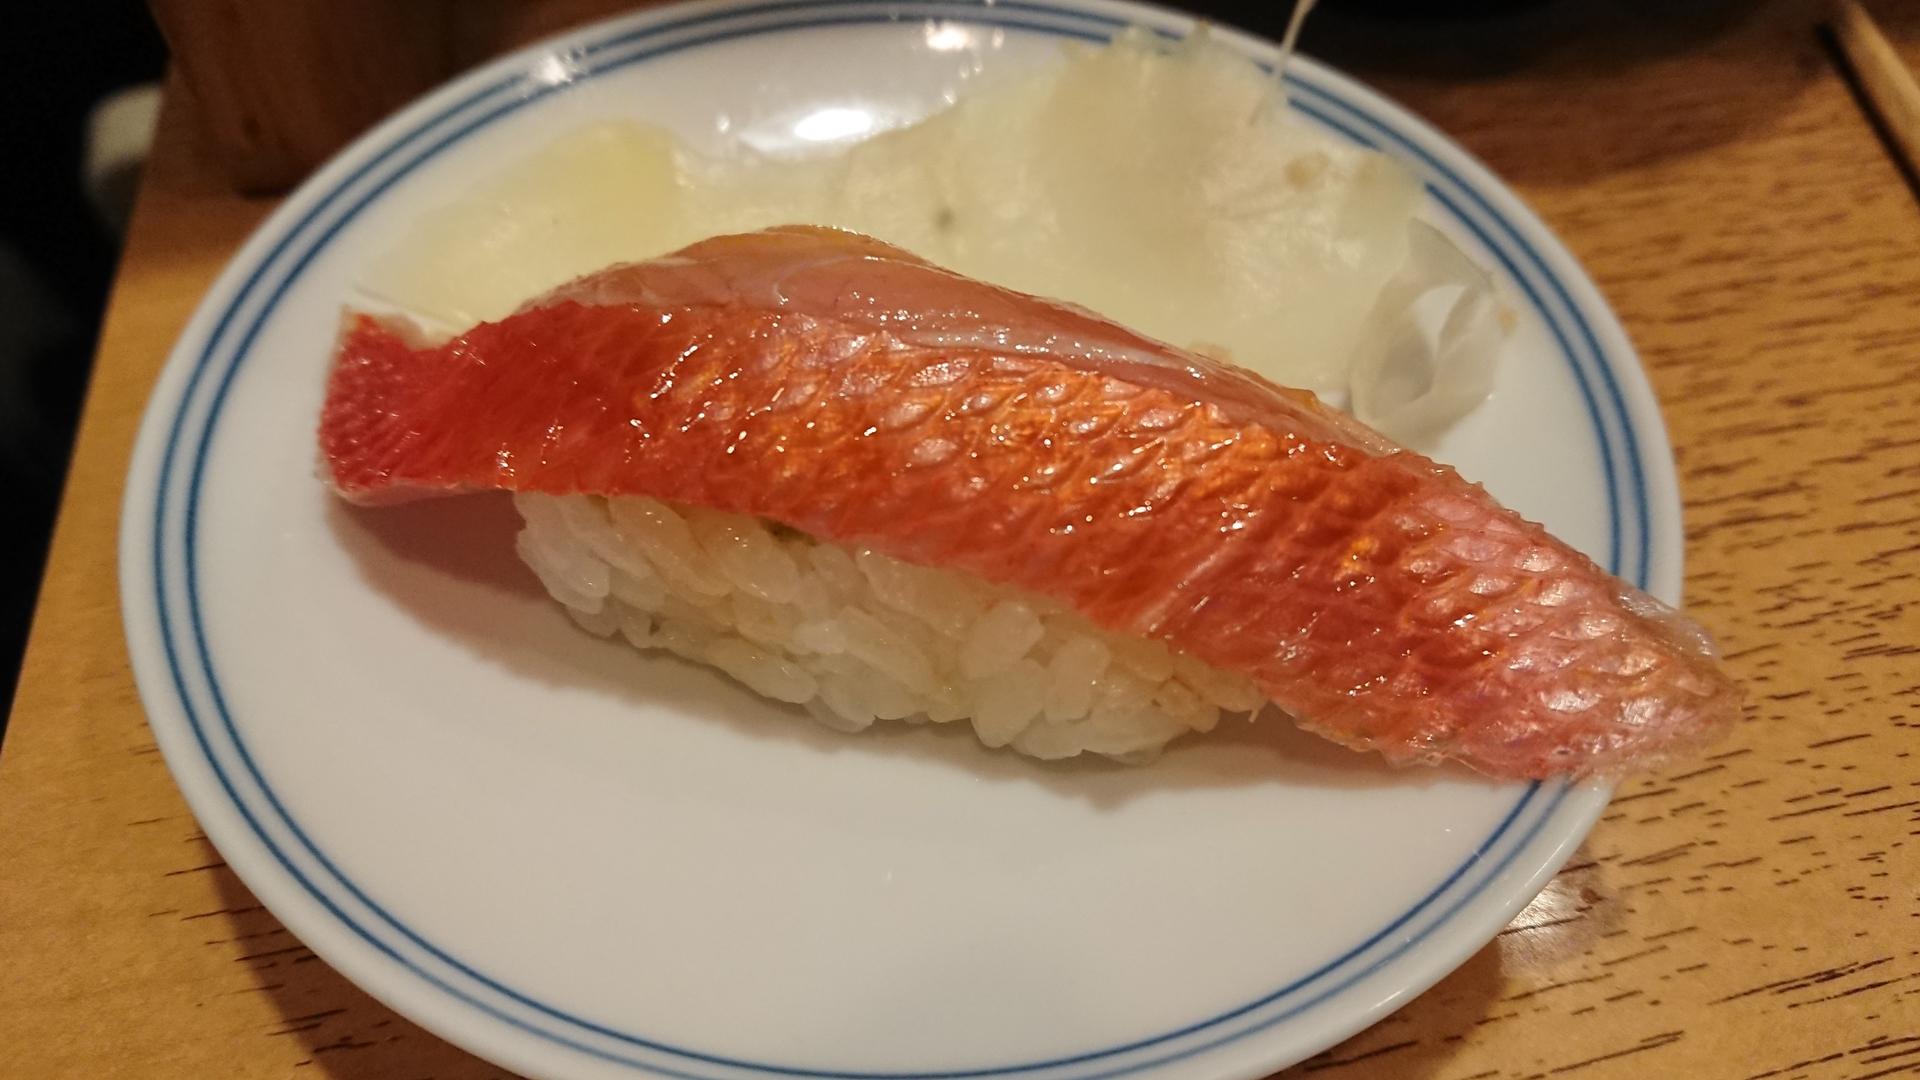 [도쿄] 스시 다이 - 츠키지 시장에서 가장 줄이 긴 집